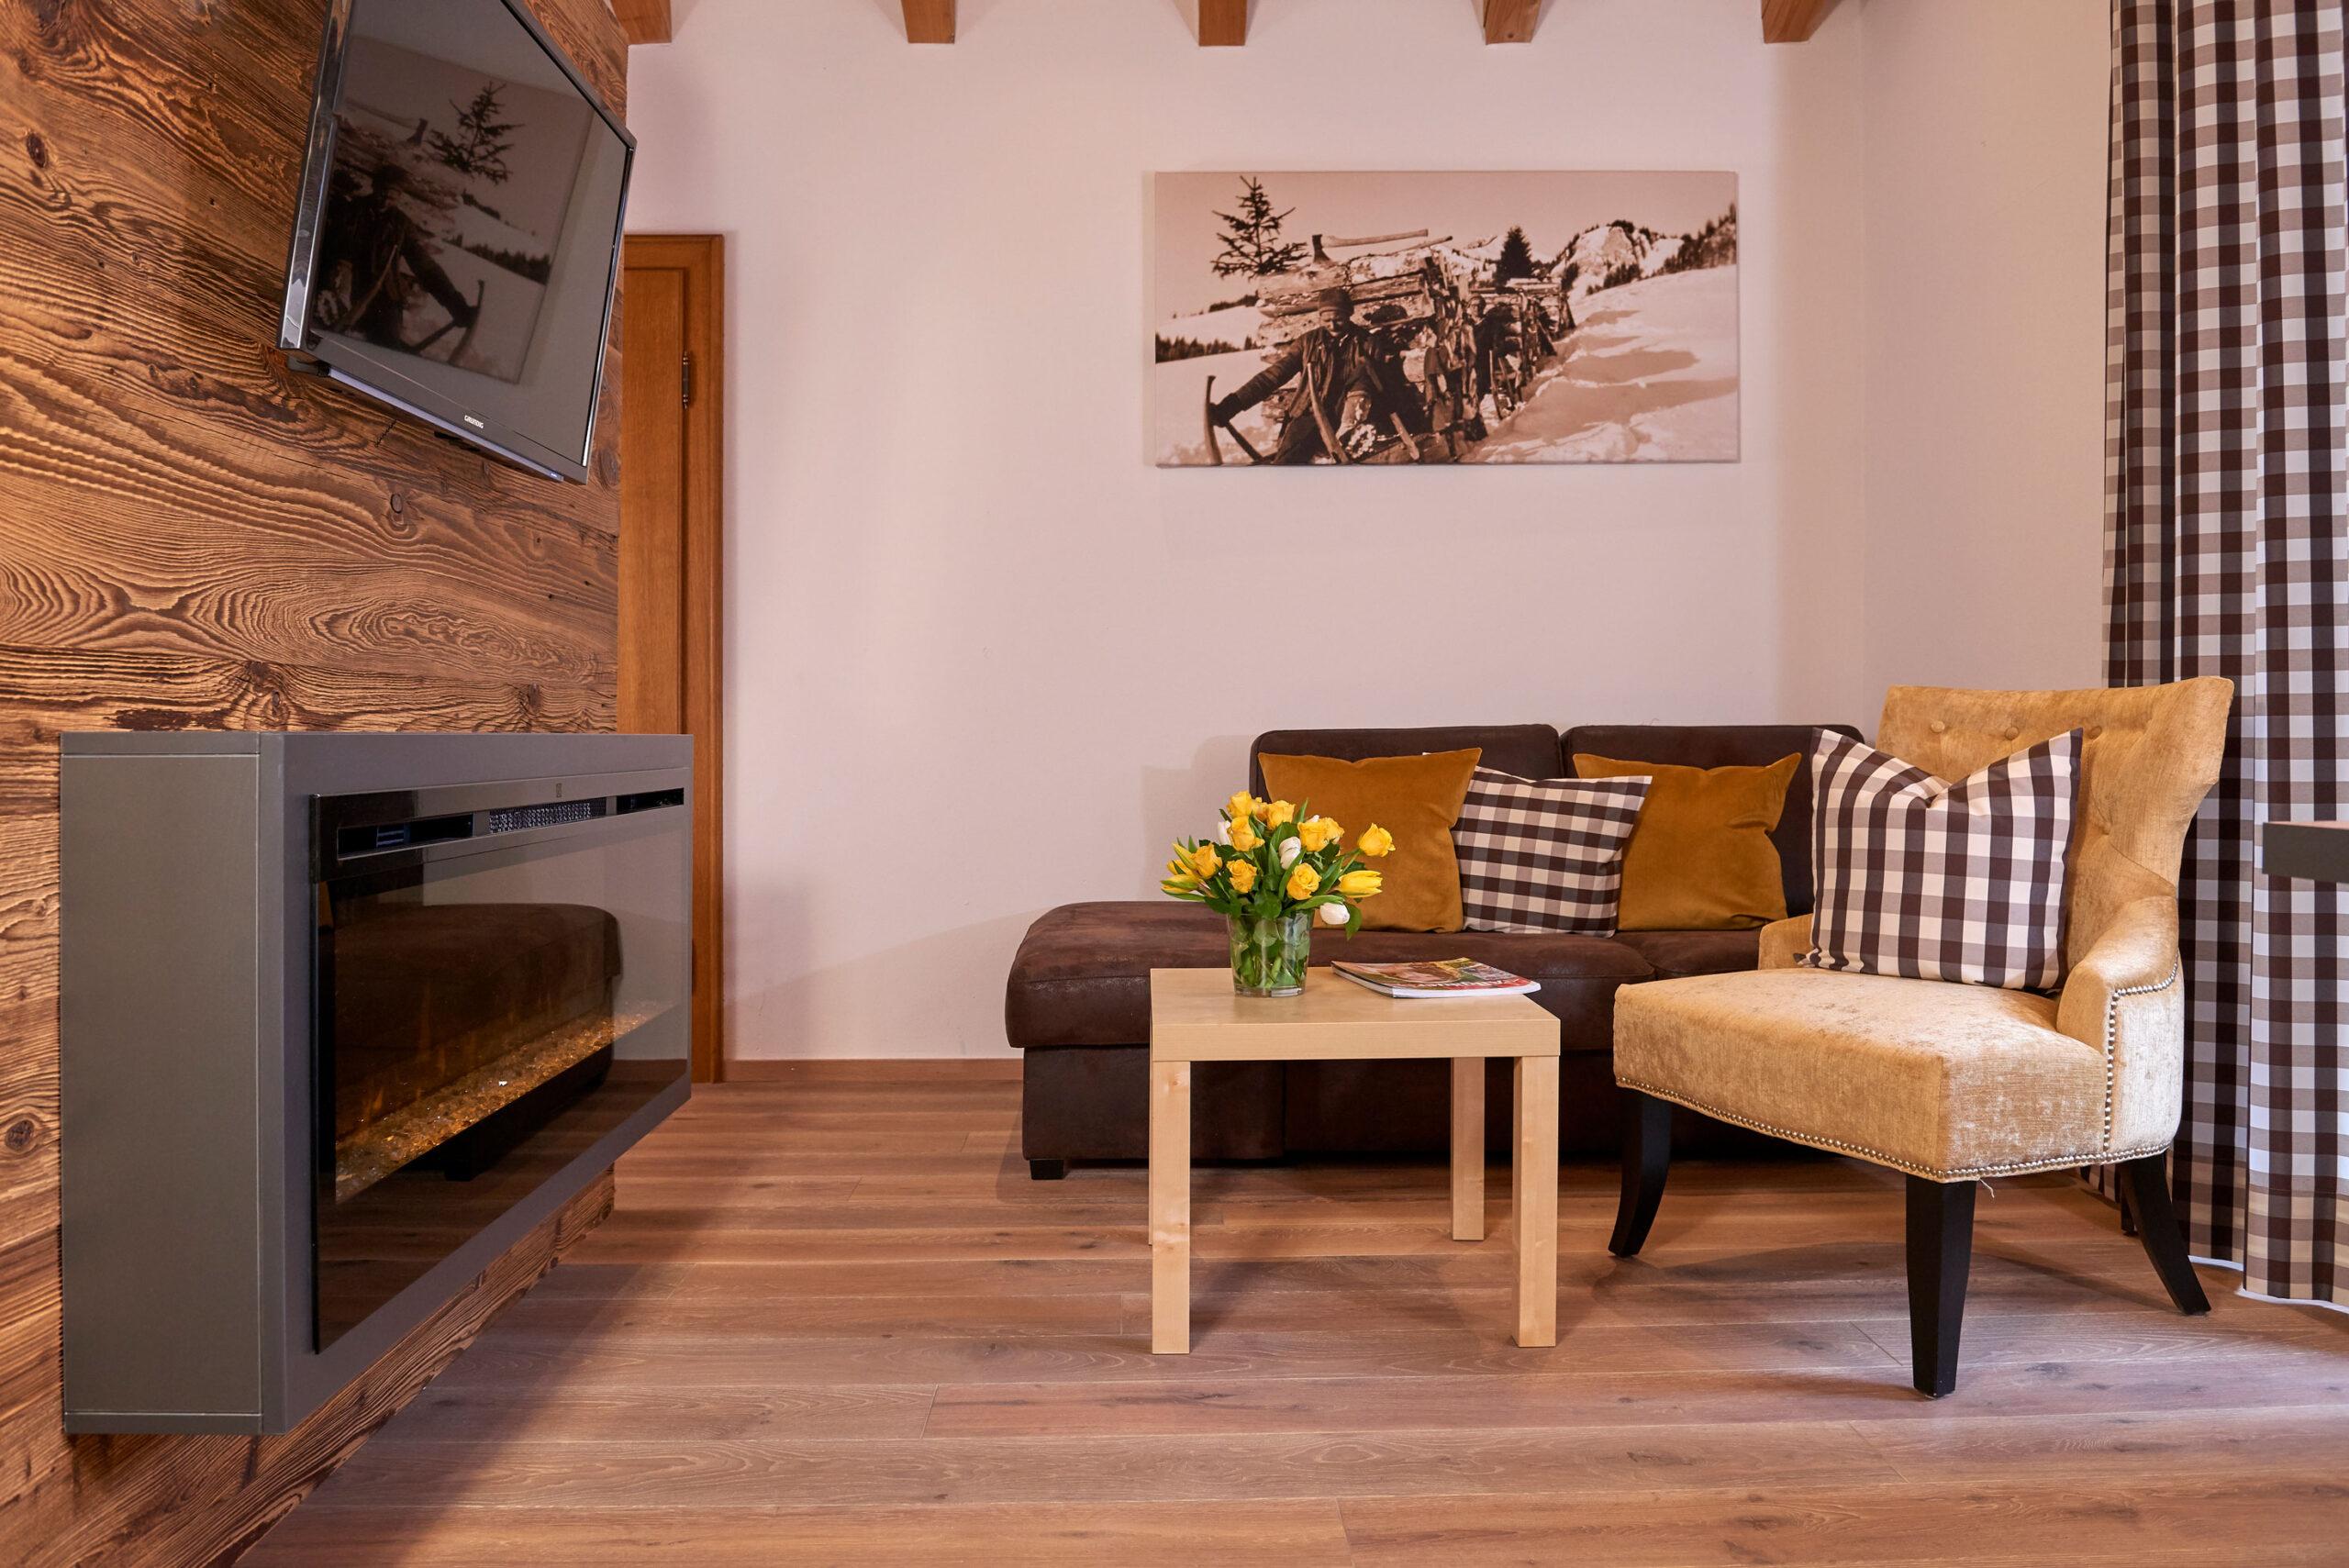 Kamin mit kleiner Couch und Sessel